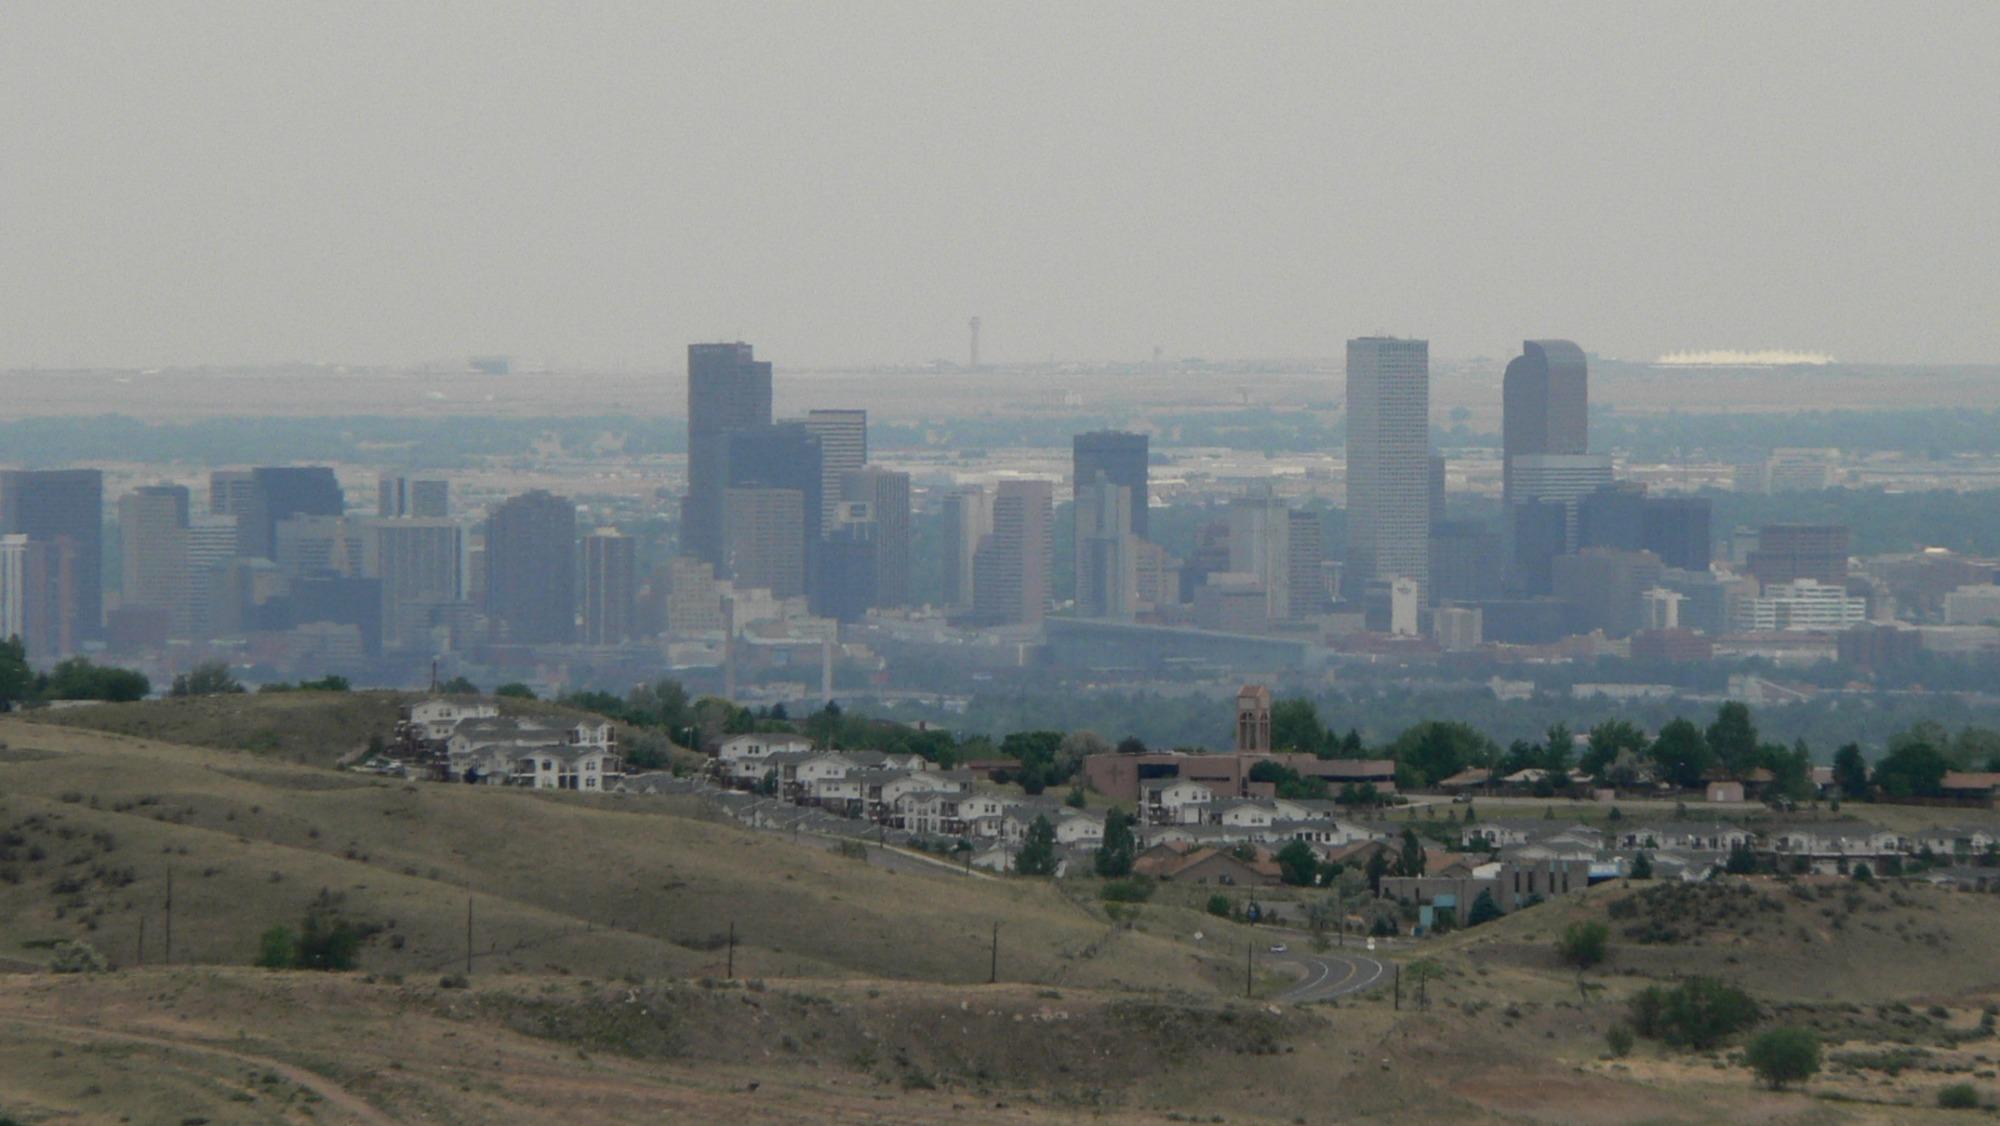 Smoggy Denver